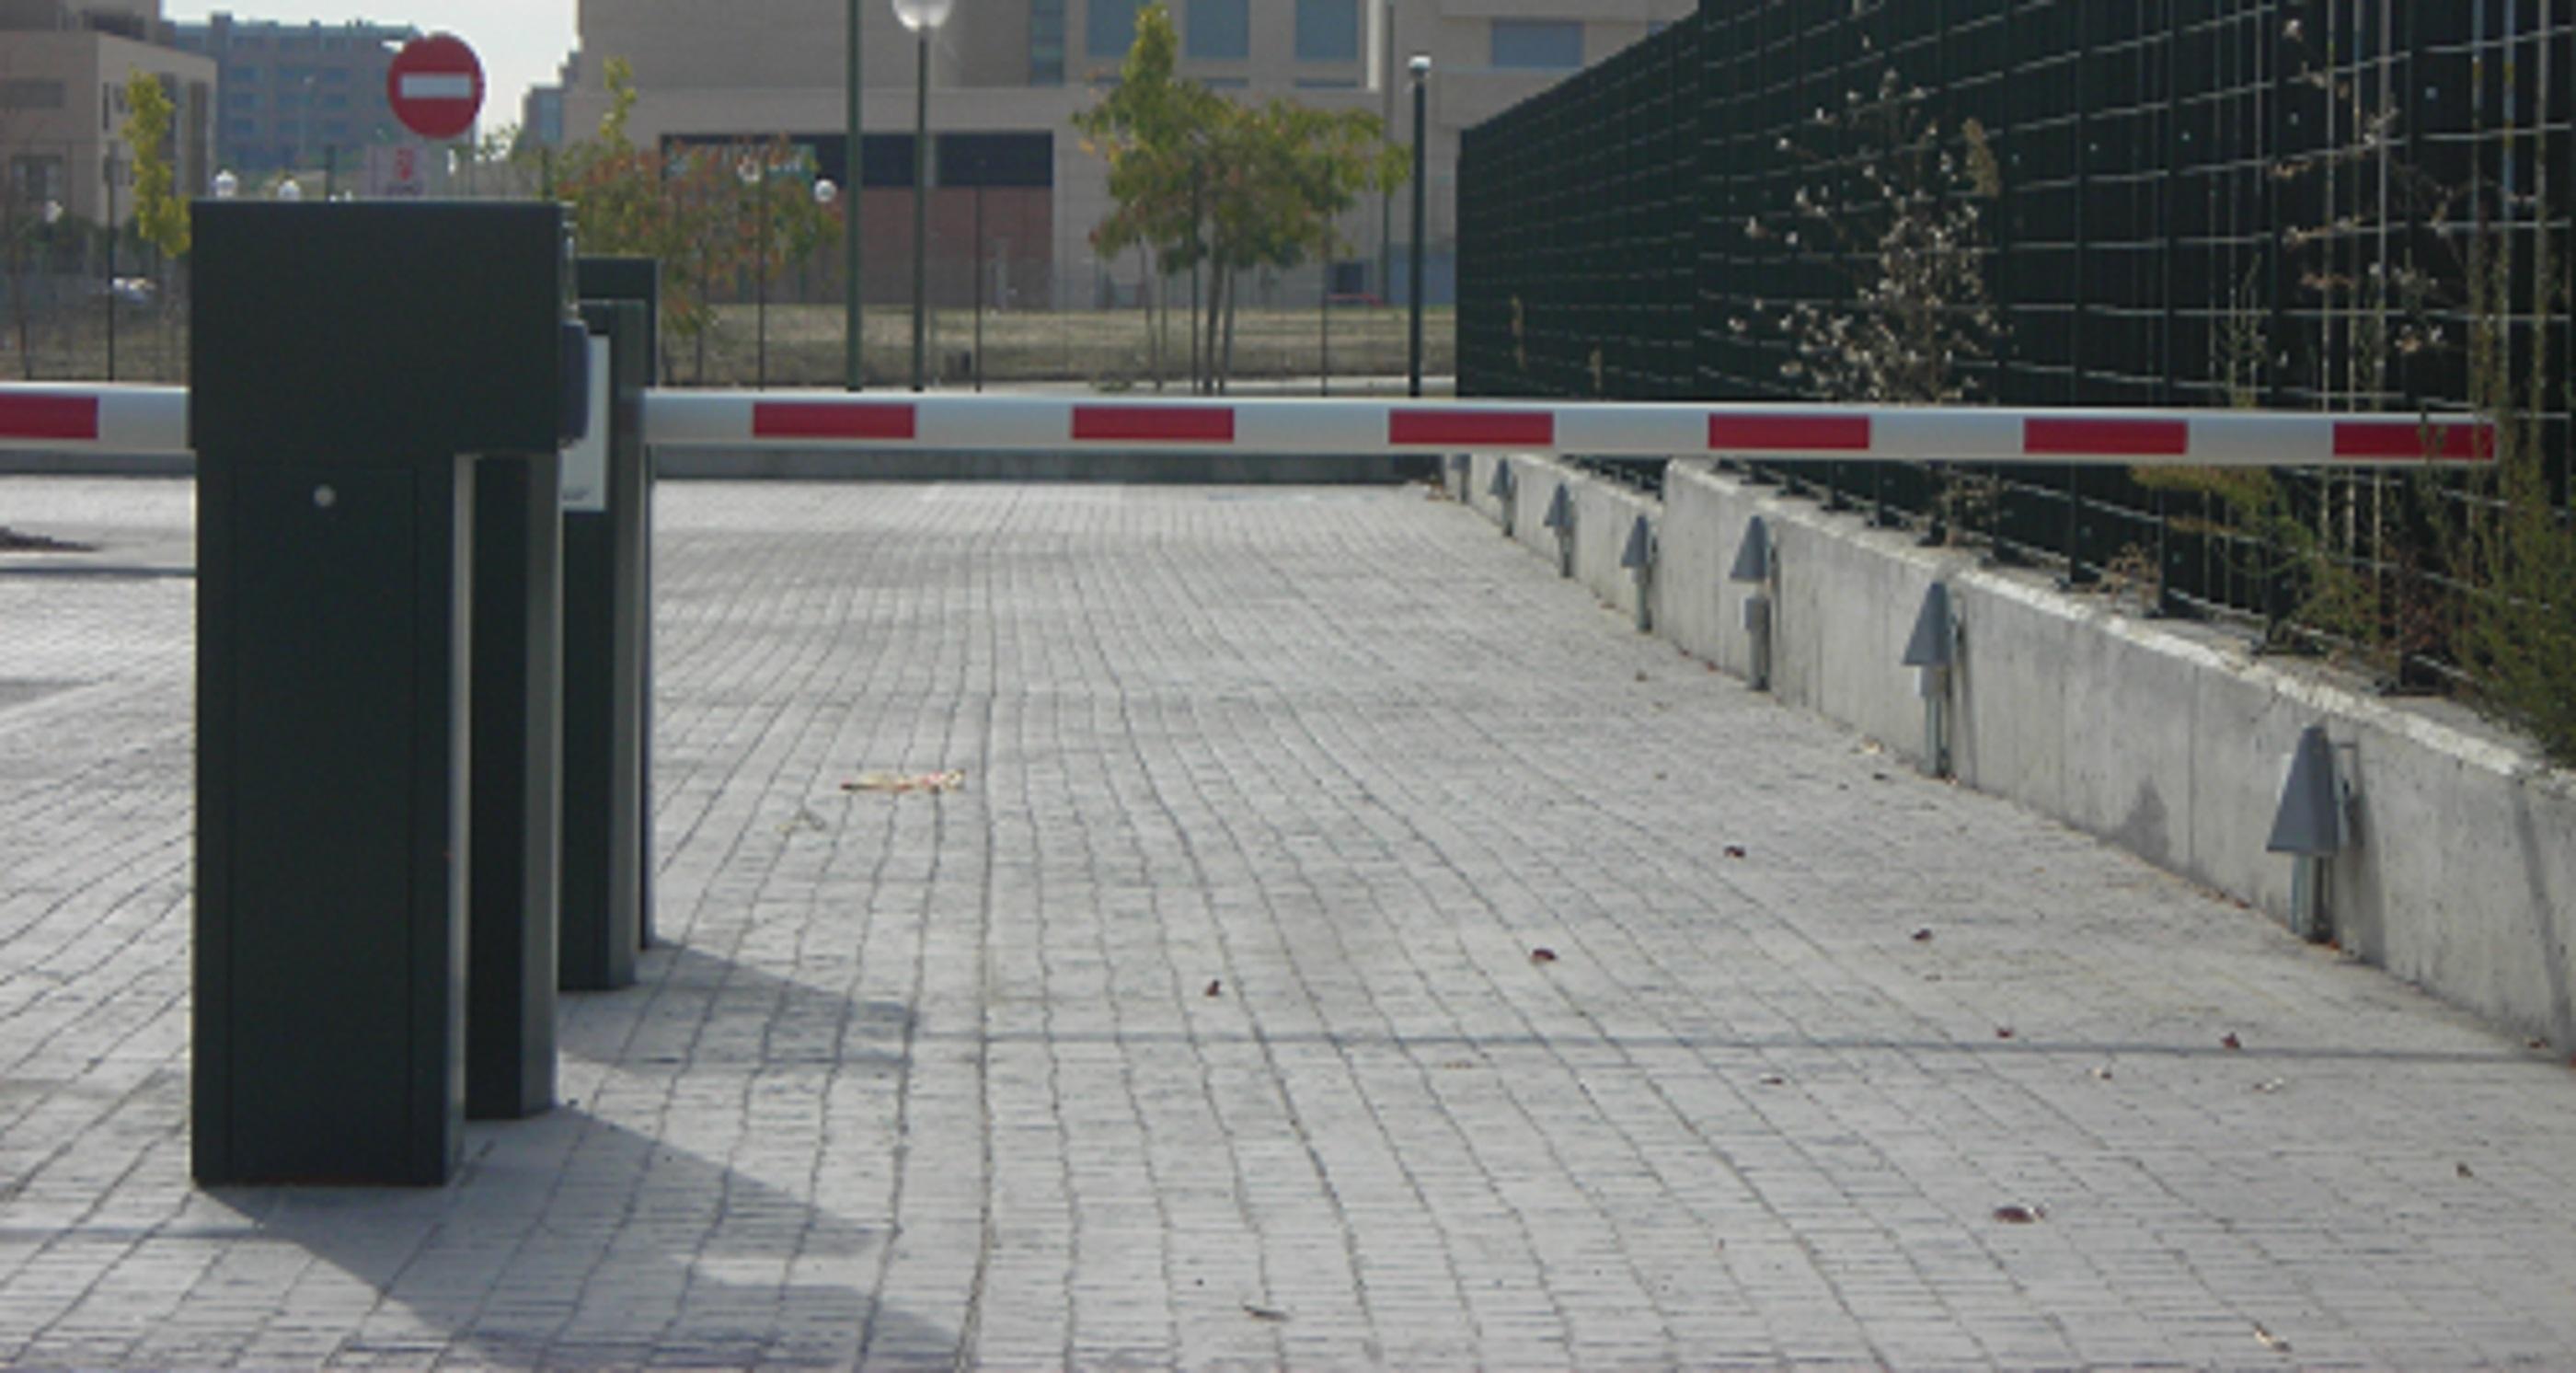 Instaalción de barreras de carretera